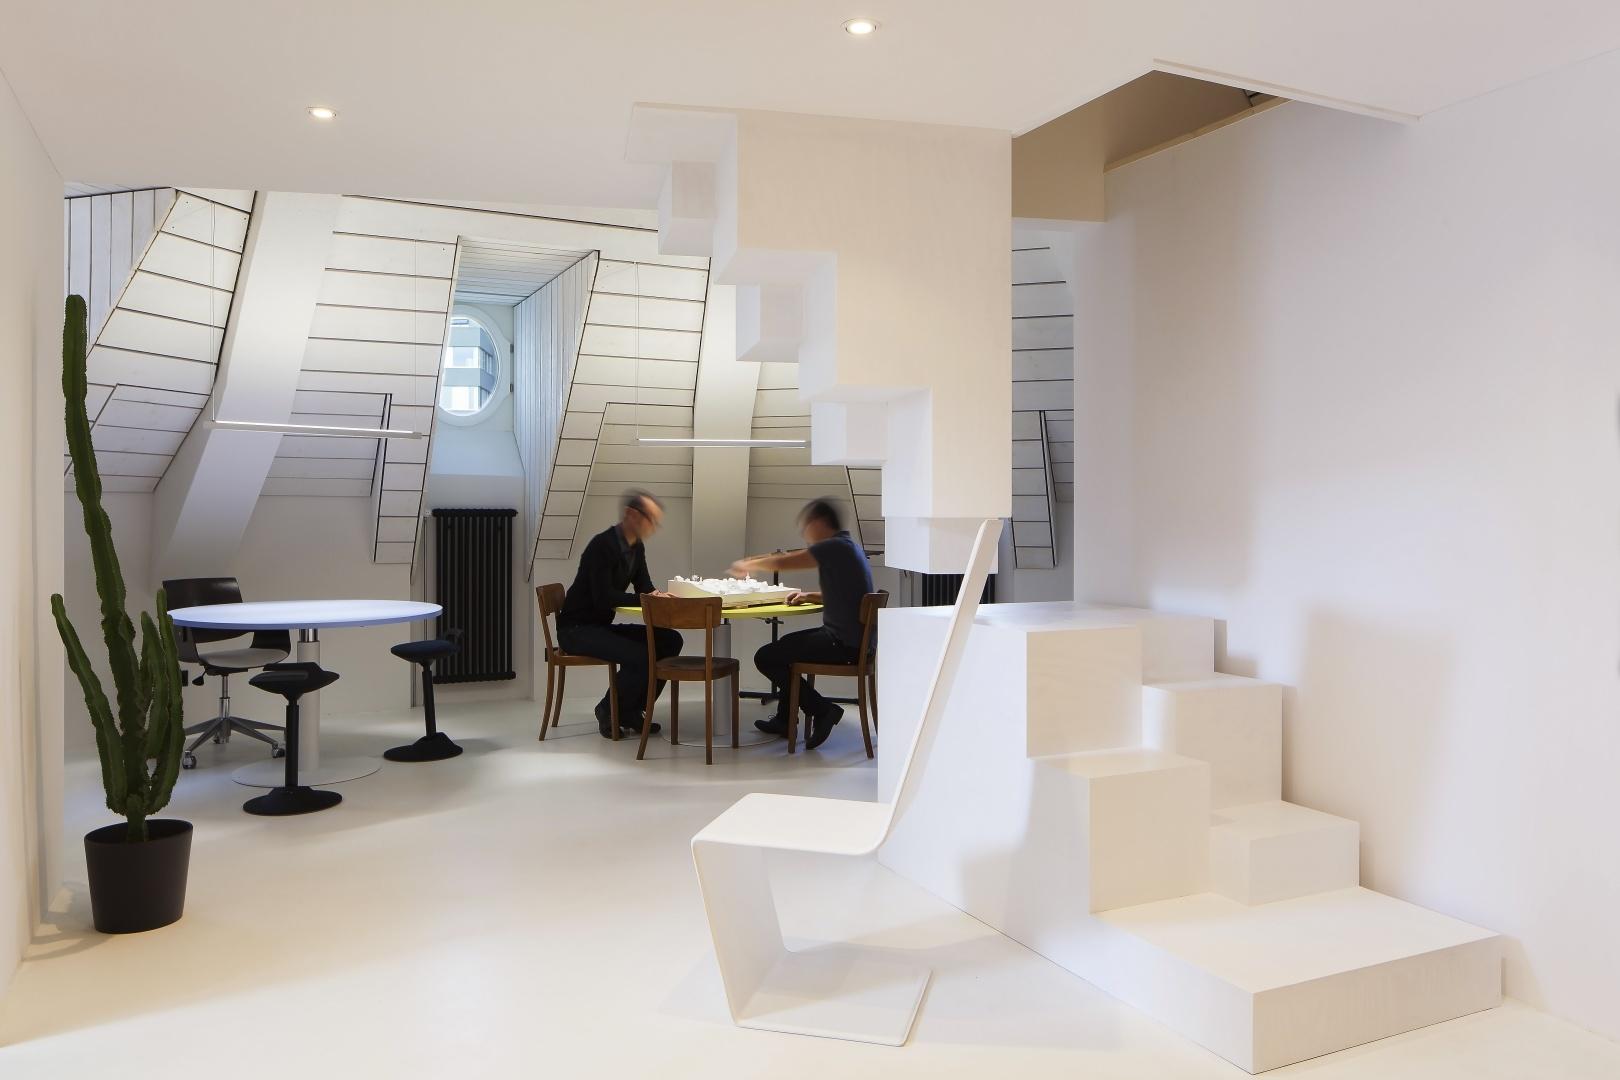 Empfangsansicht mit der Steiltreppe und dem Besprechungsraum © Architektur Ateler Ducret | Fotograf Jürg Knuchel